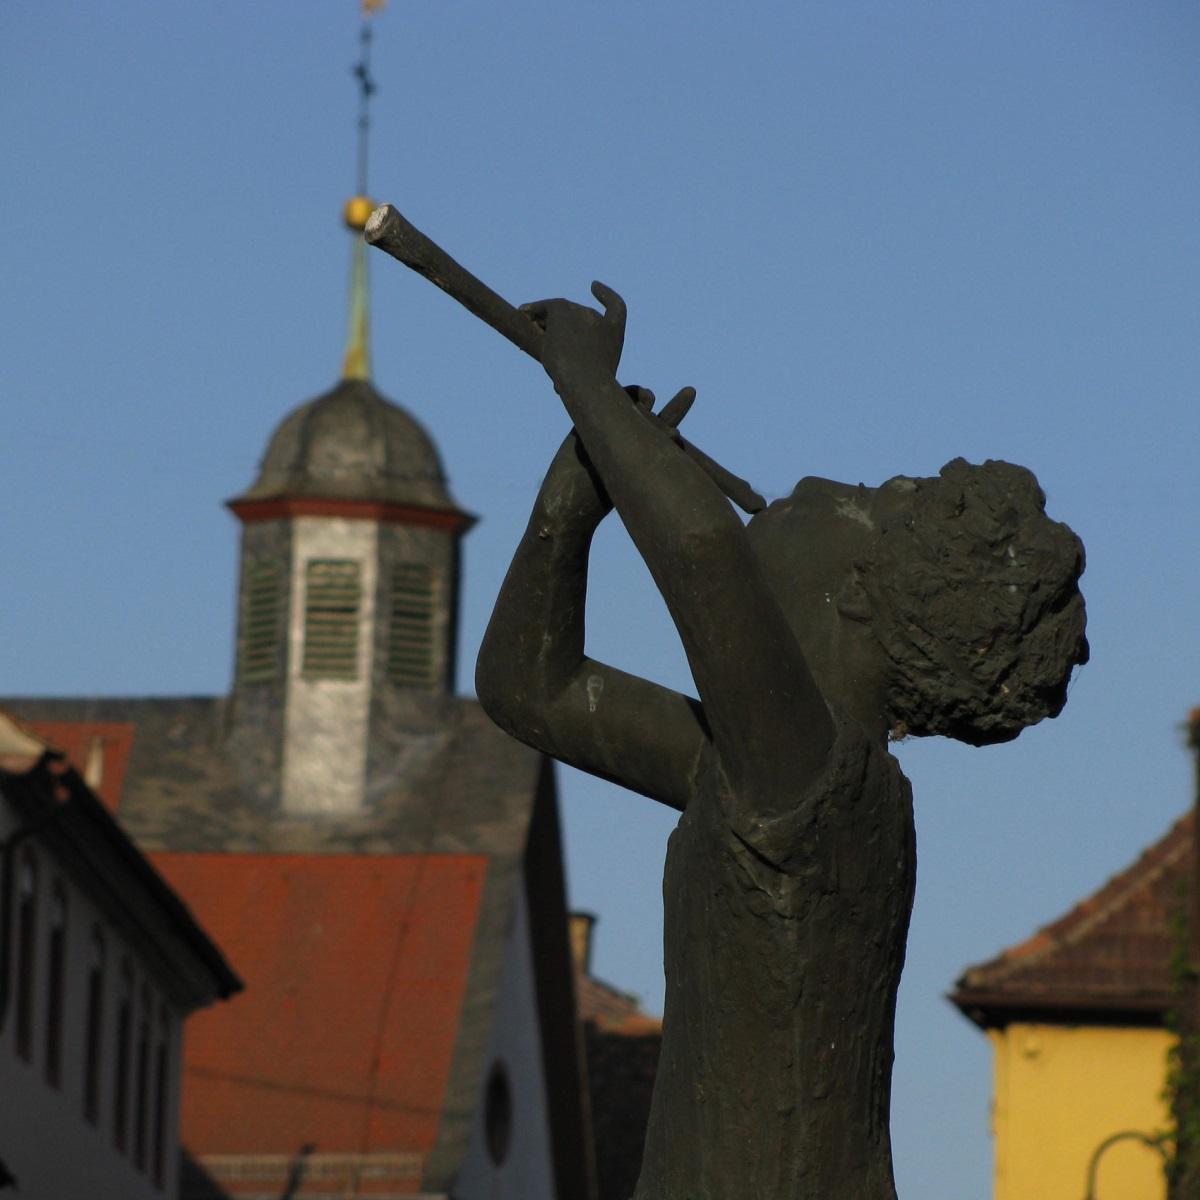 Flötenhansel